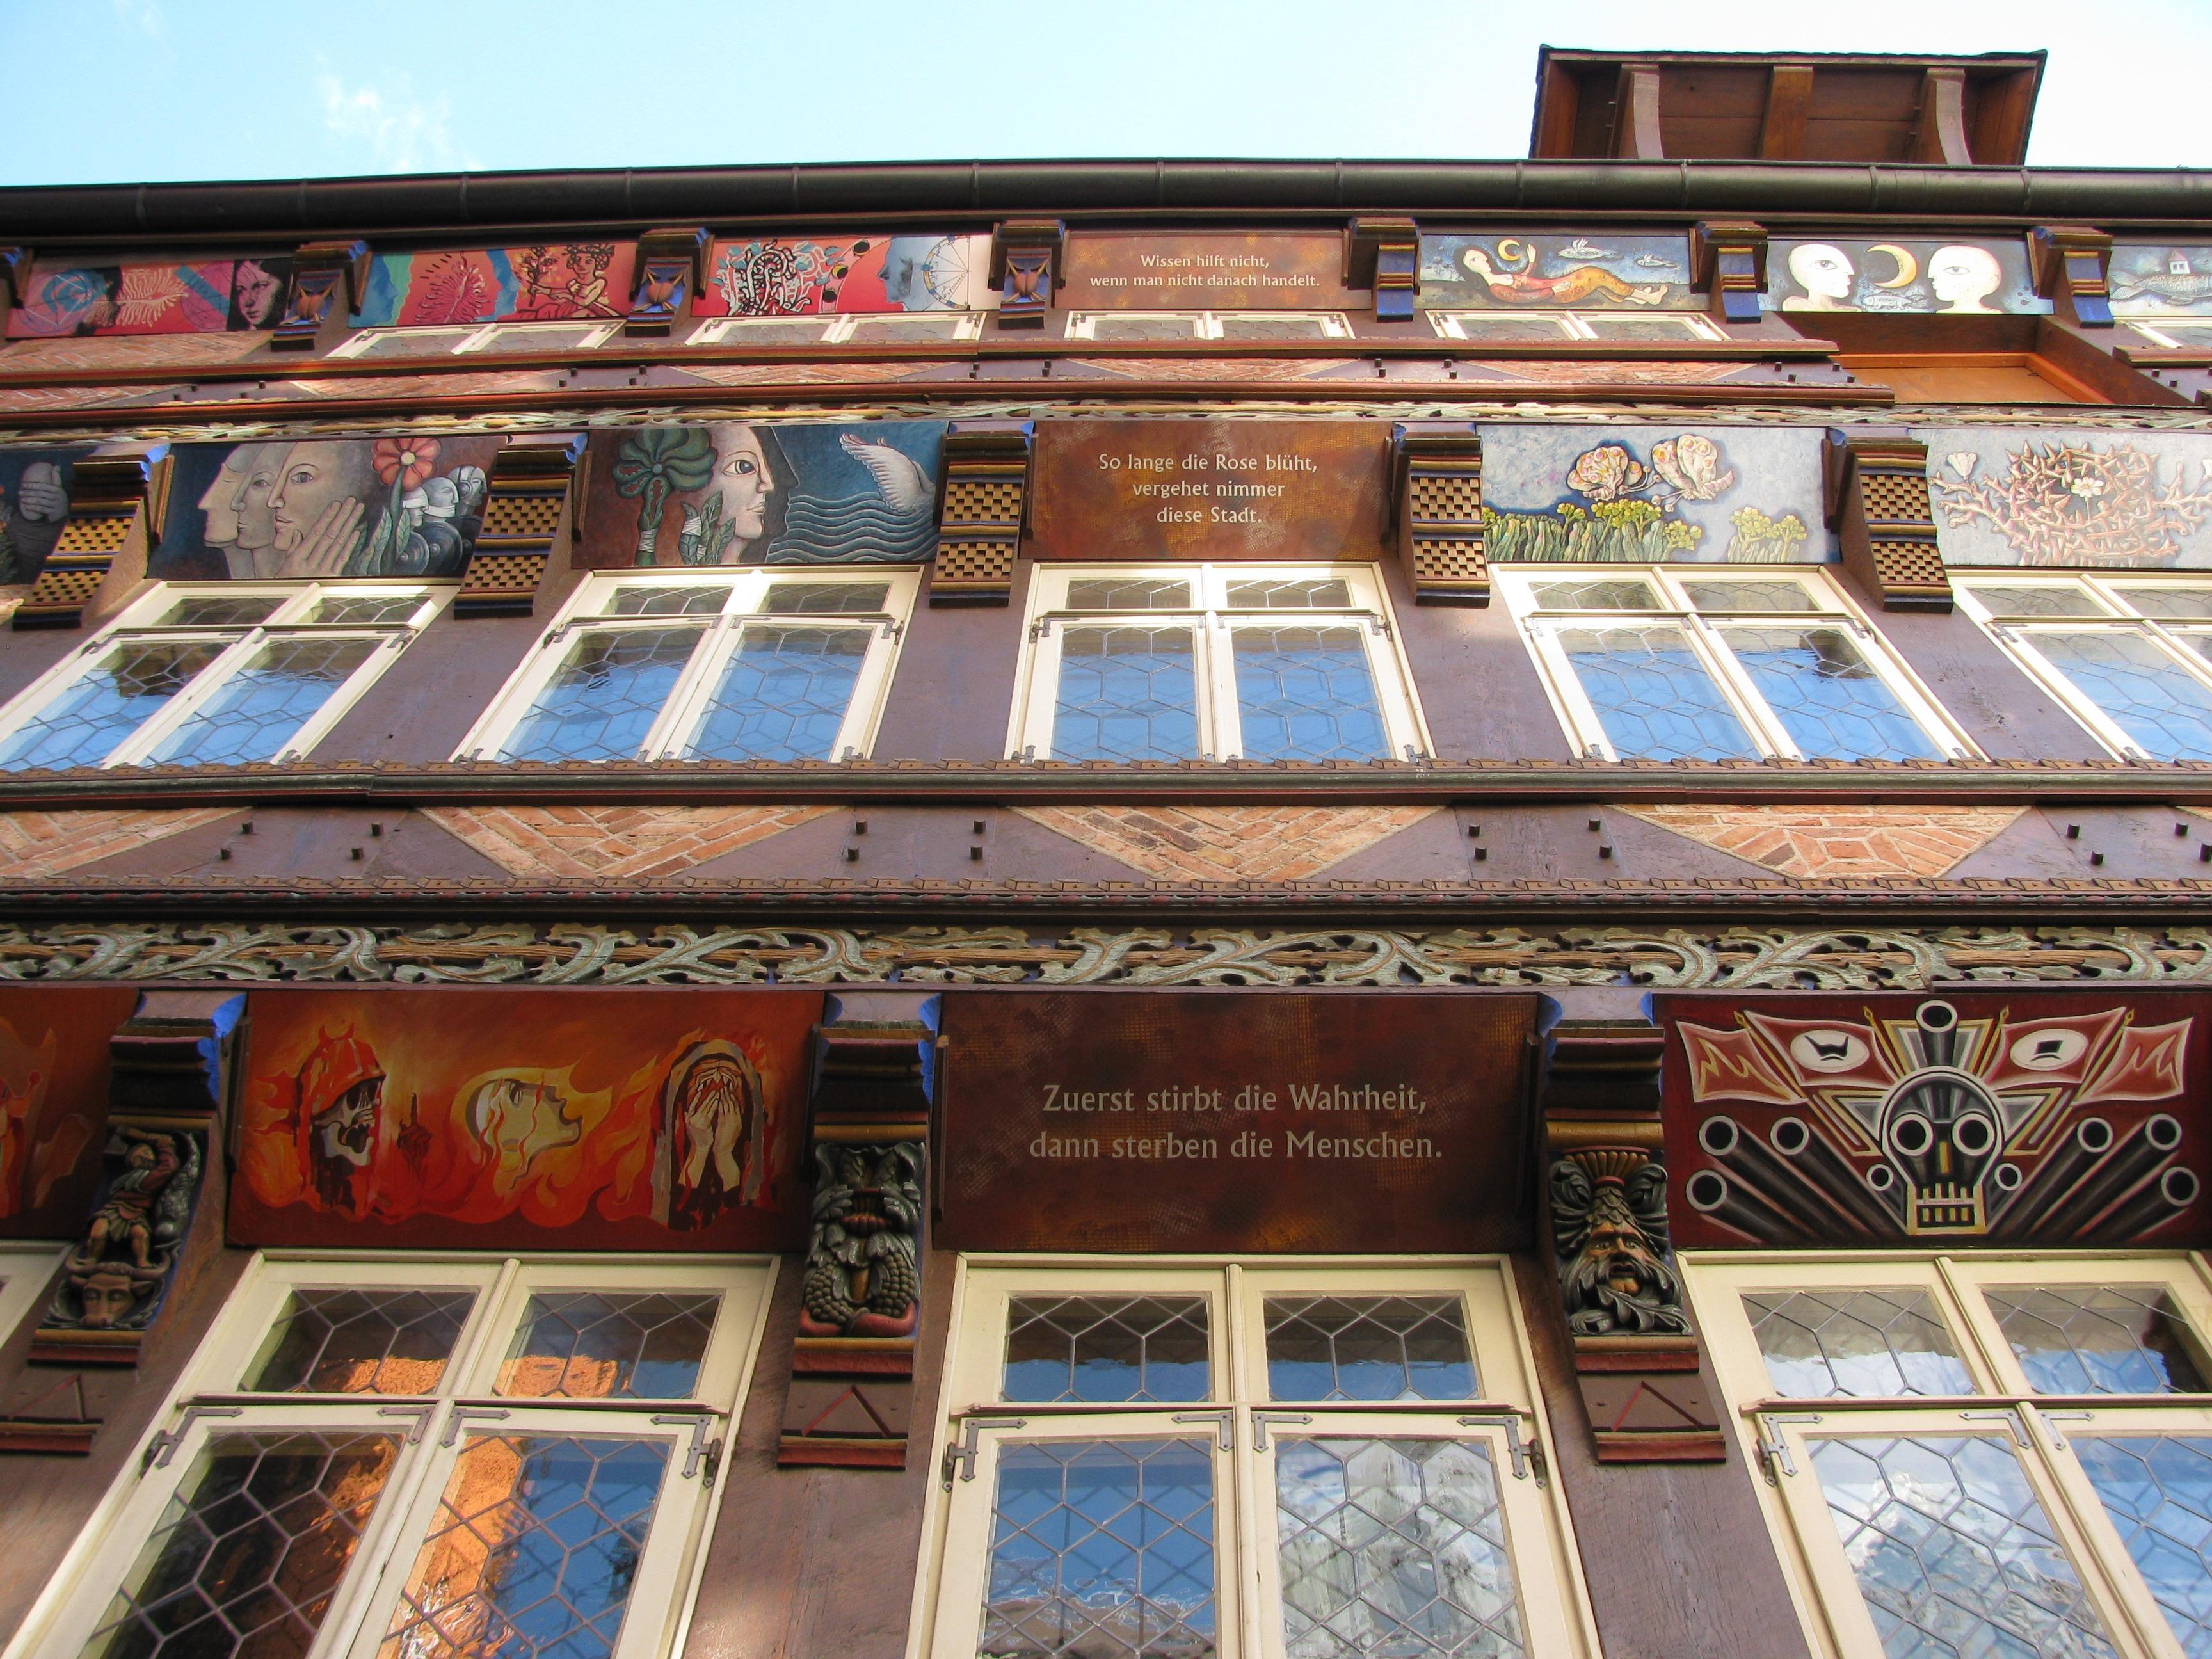 Innenarchitektur Hildesheim kostenlose foto die architektur himmel gebäude fassade